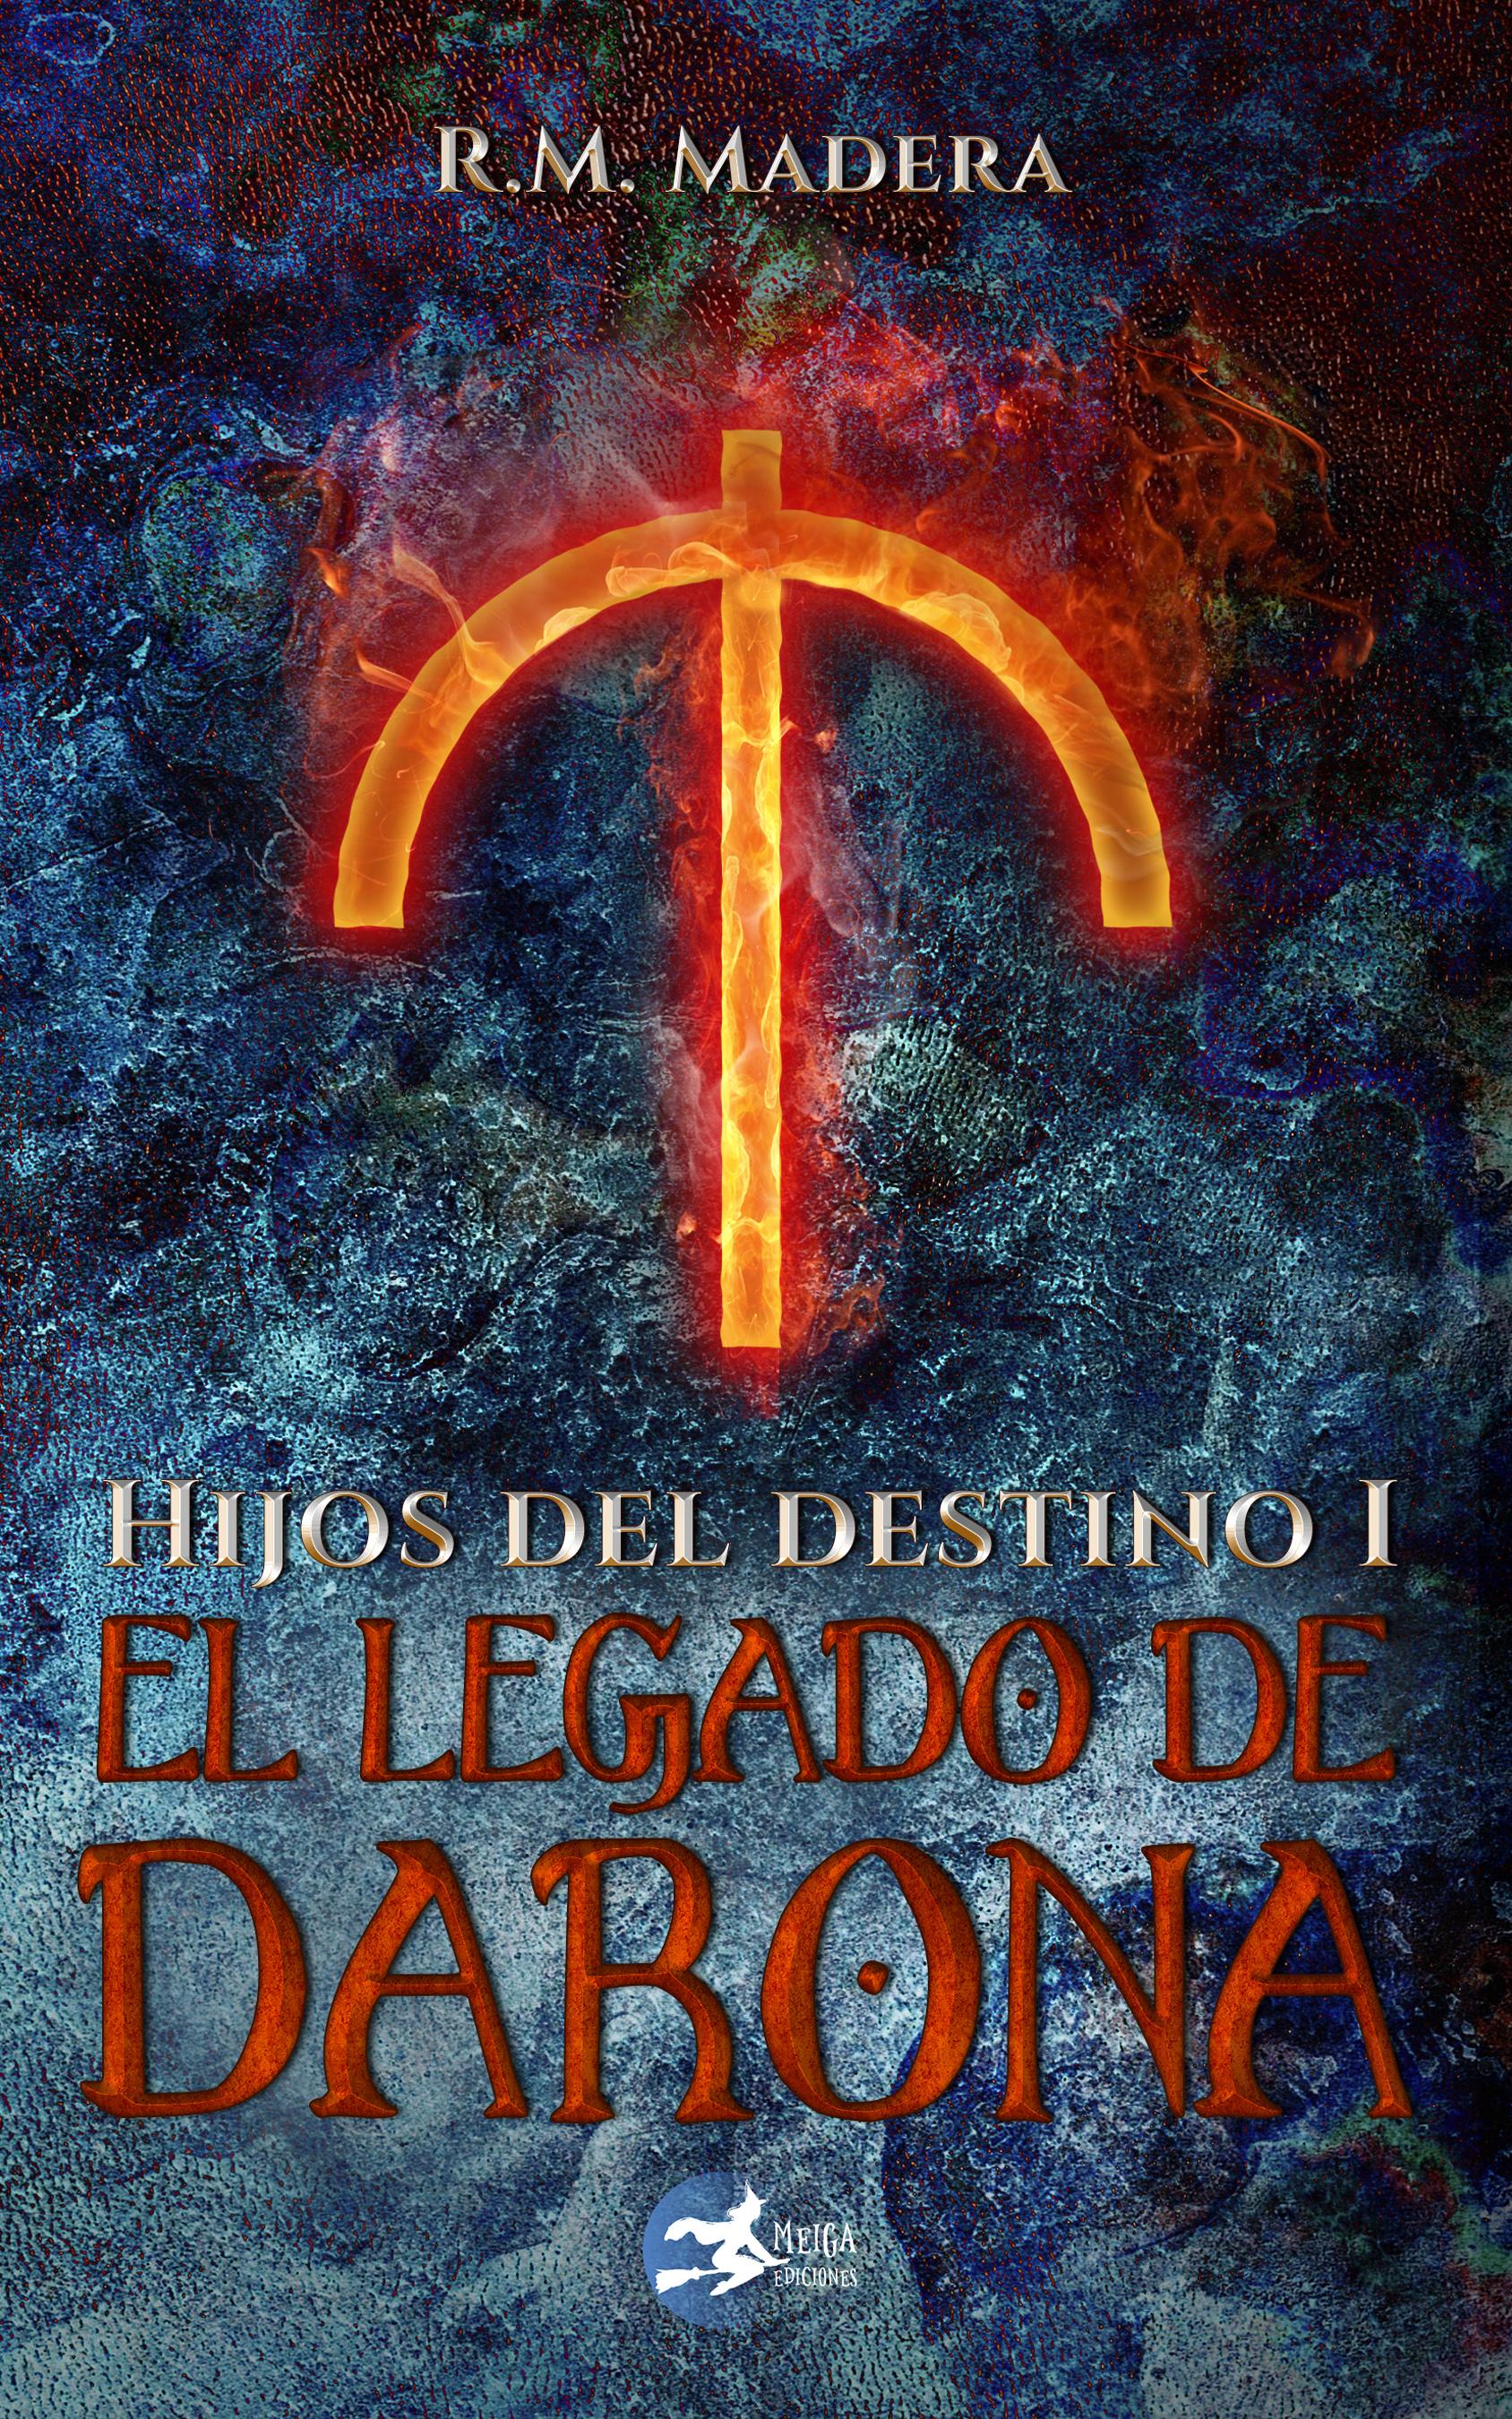 eL LEGADO DE DARONA DIGITAL